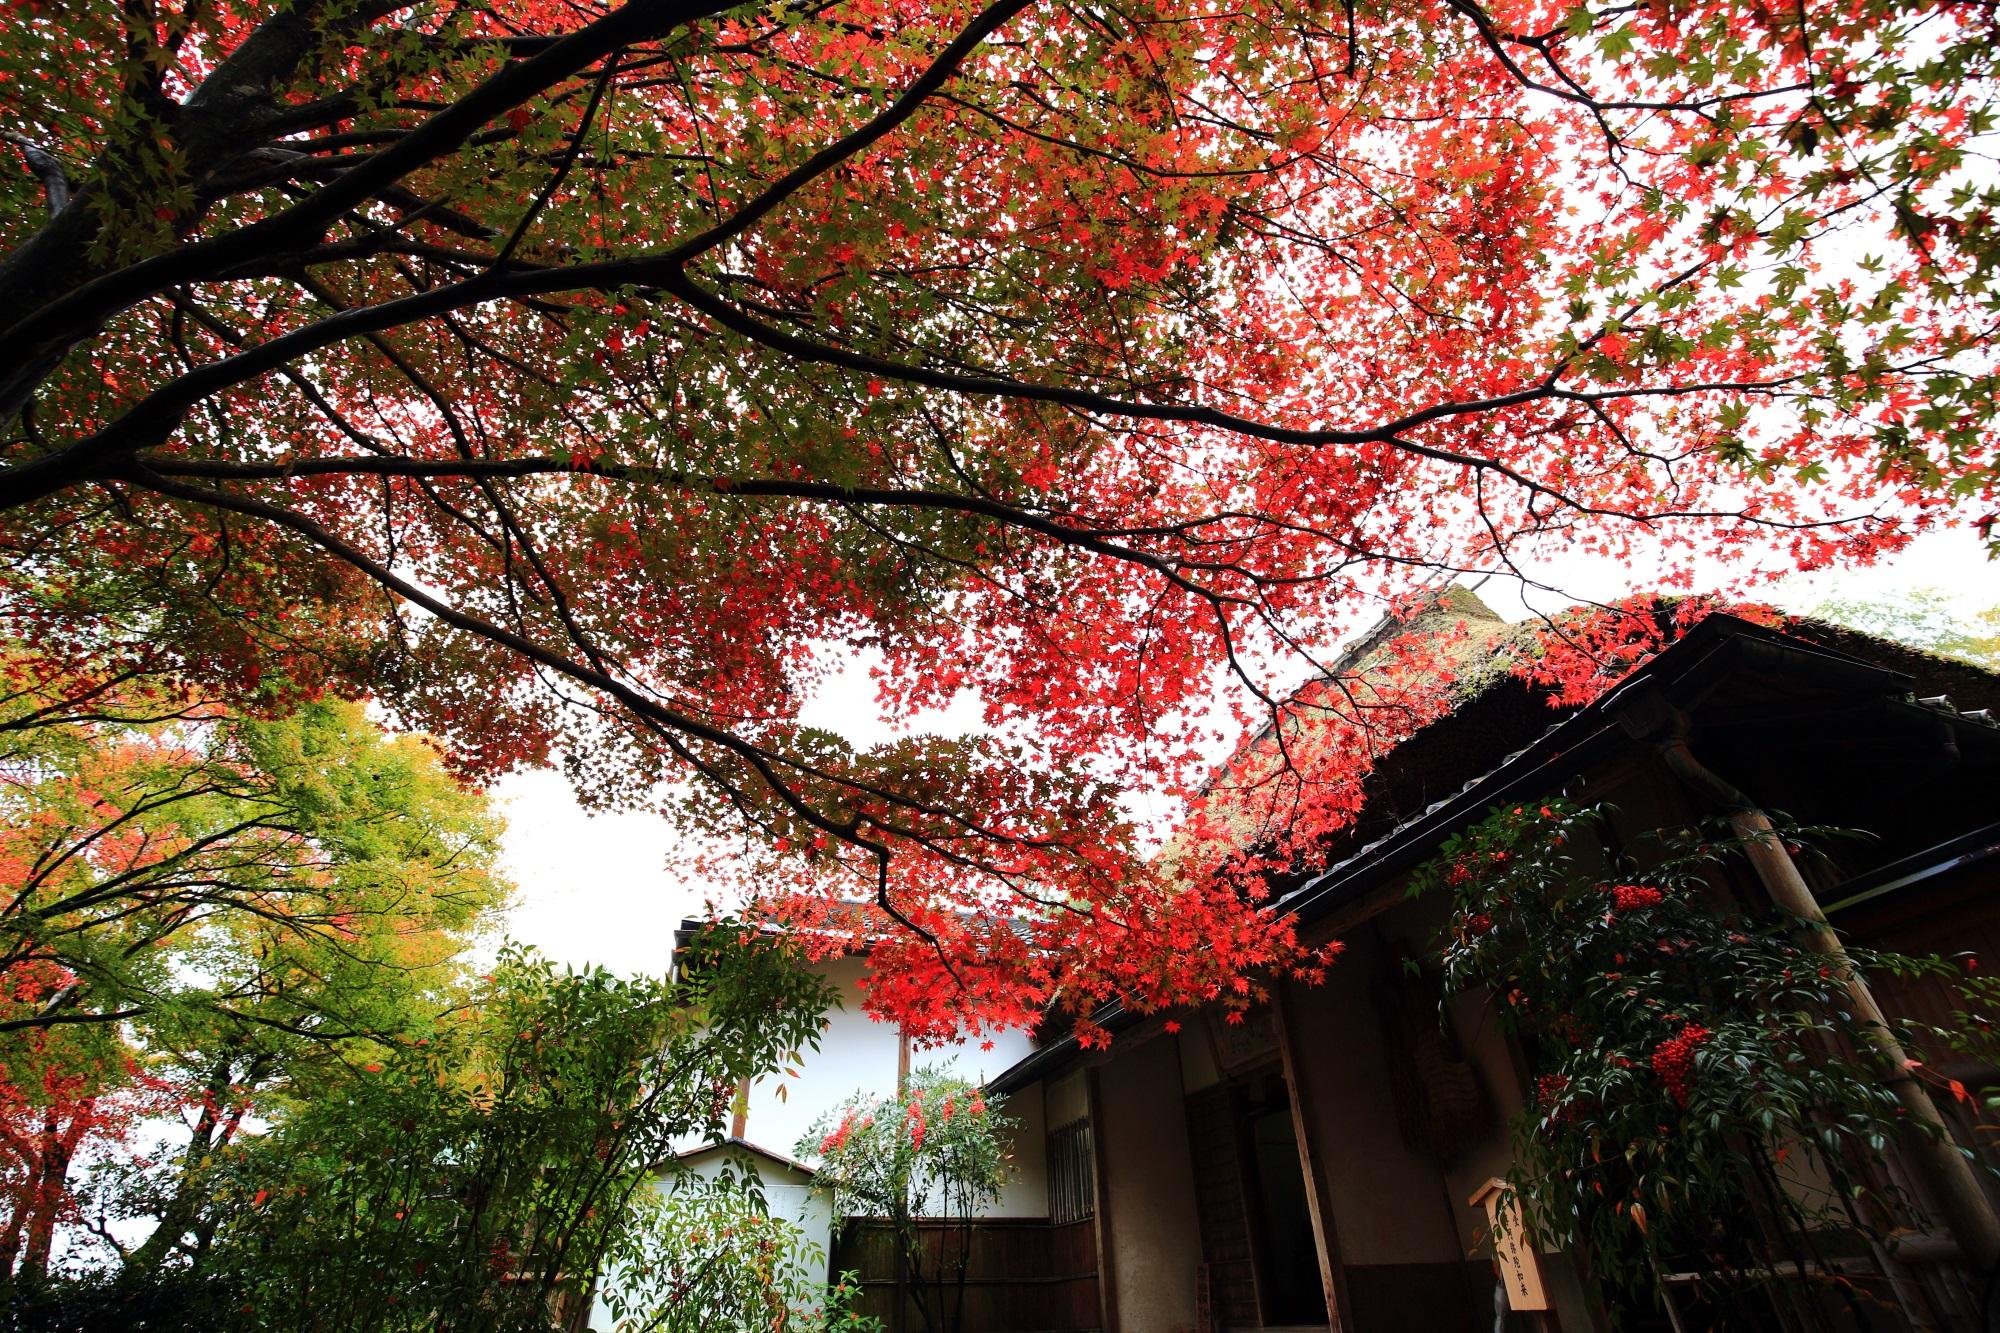 直指庵の本堂と紅葉